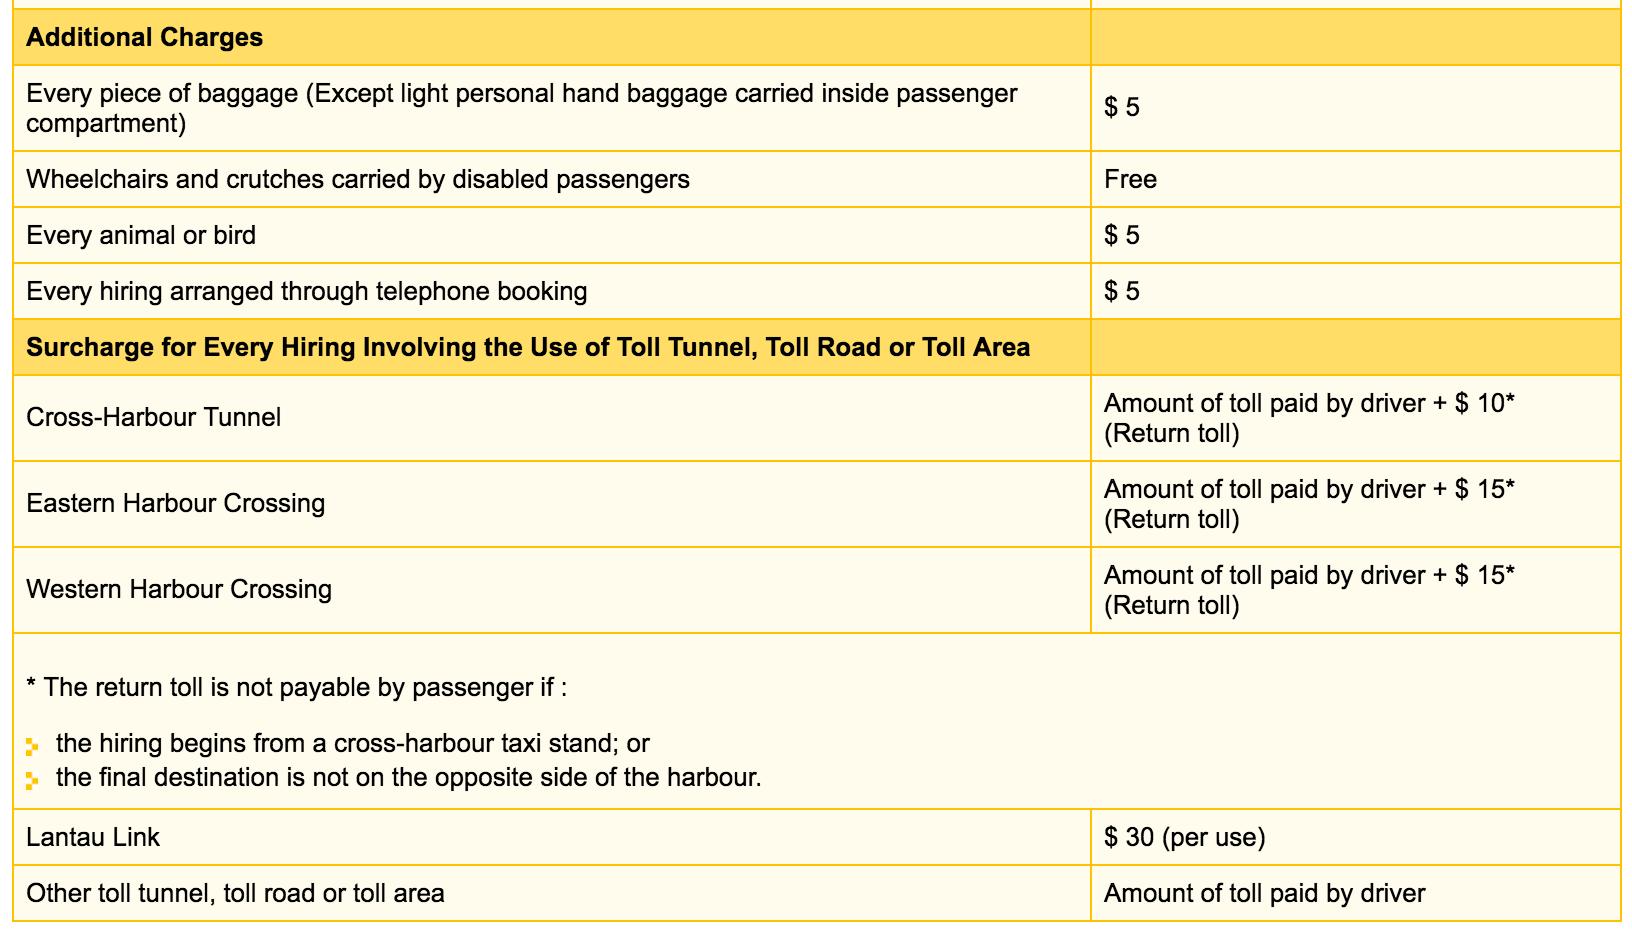 {Сайт гонконгского такси.}(http://www.td.gov.hk/en/transport_in_hong_kong/public_transport/taxi/taxi_fare_of_hong_kong/) Пассажиры платят дополнительные сборы за проезд по туннелям и провоз багажа